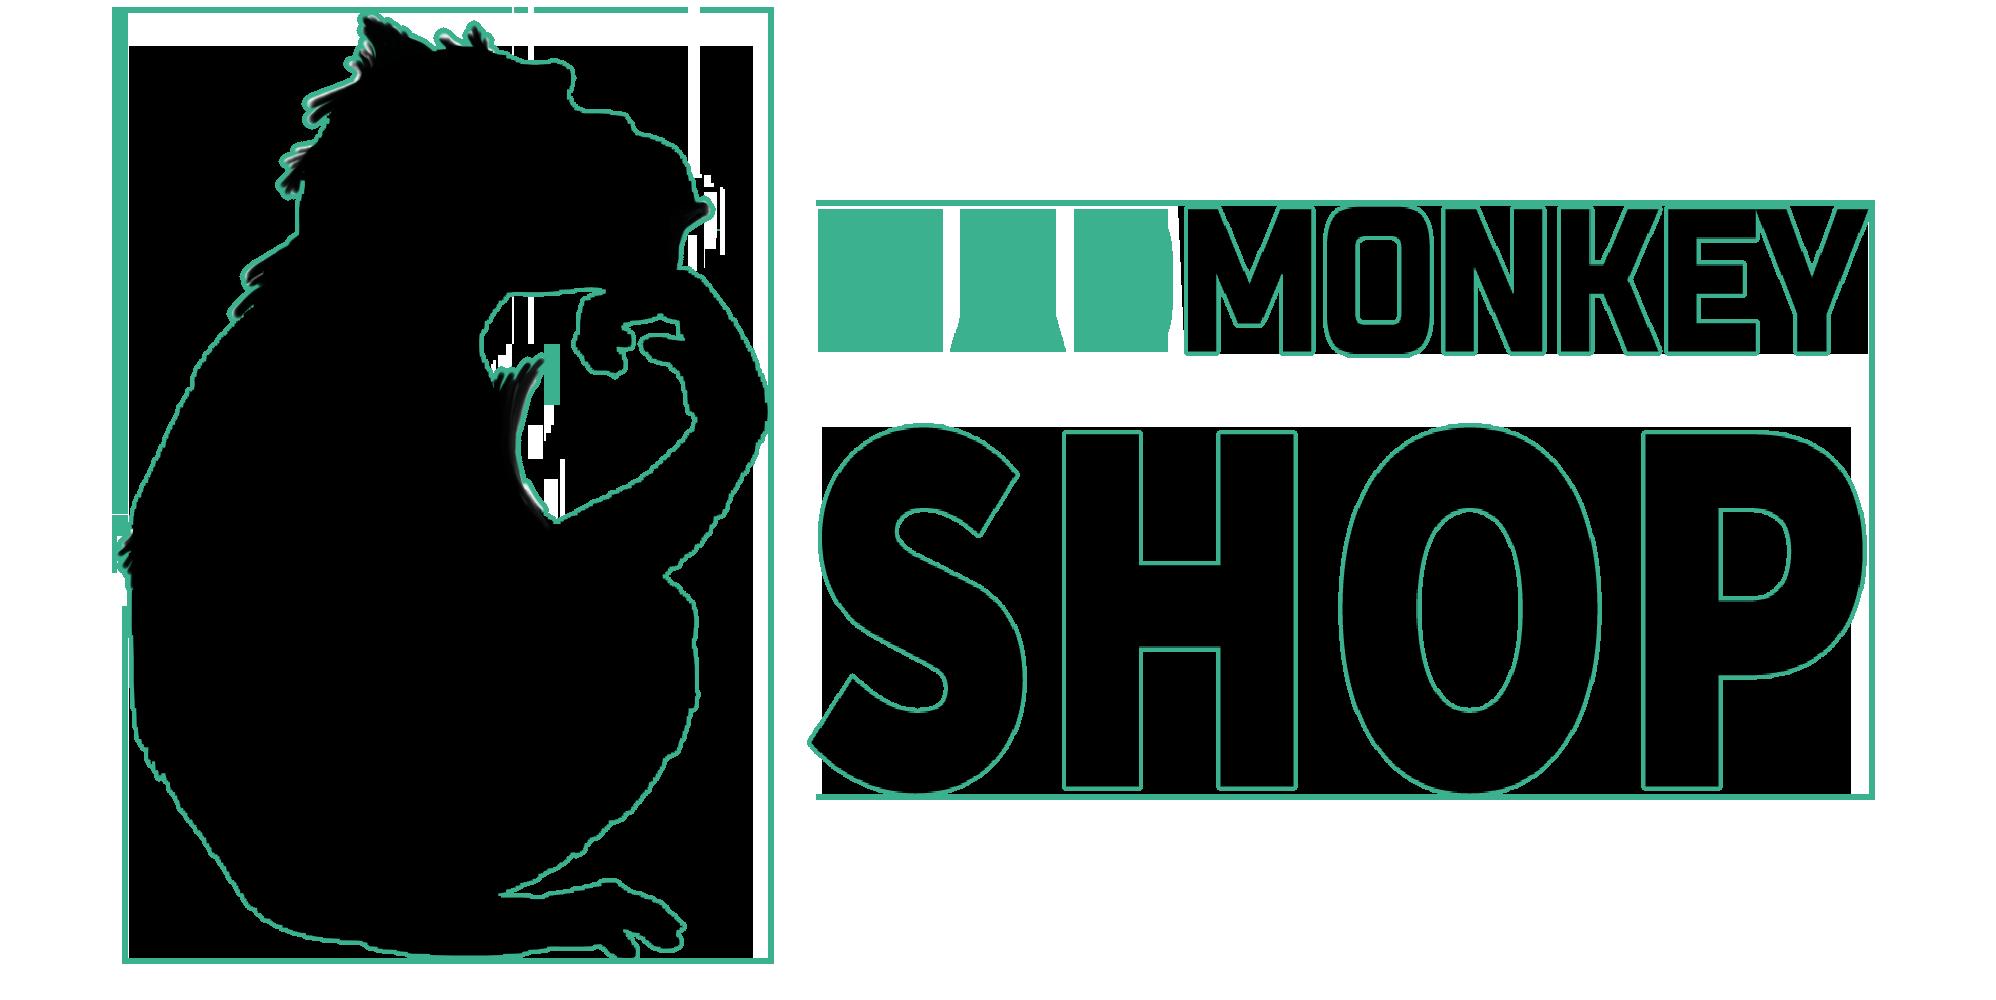 der Shop logo